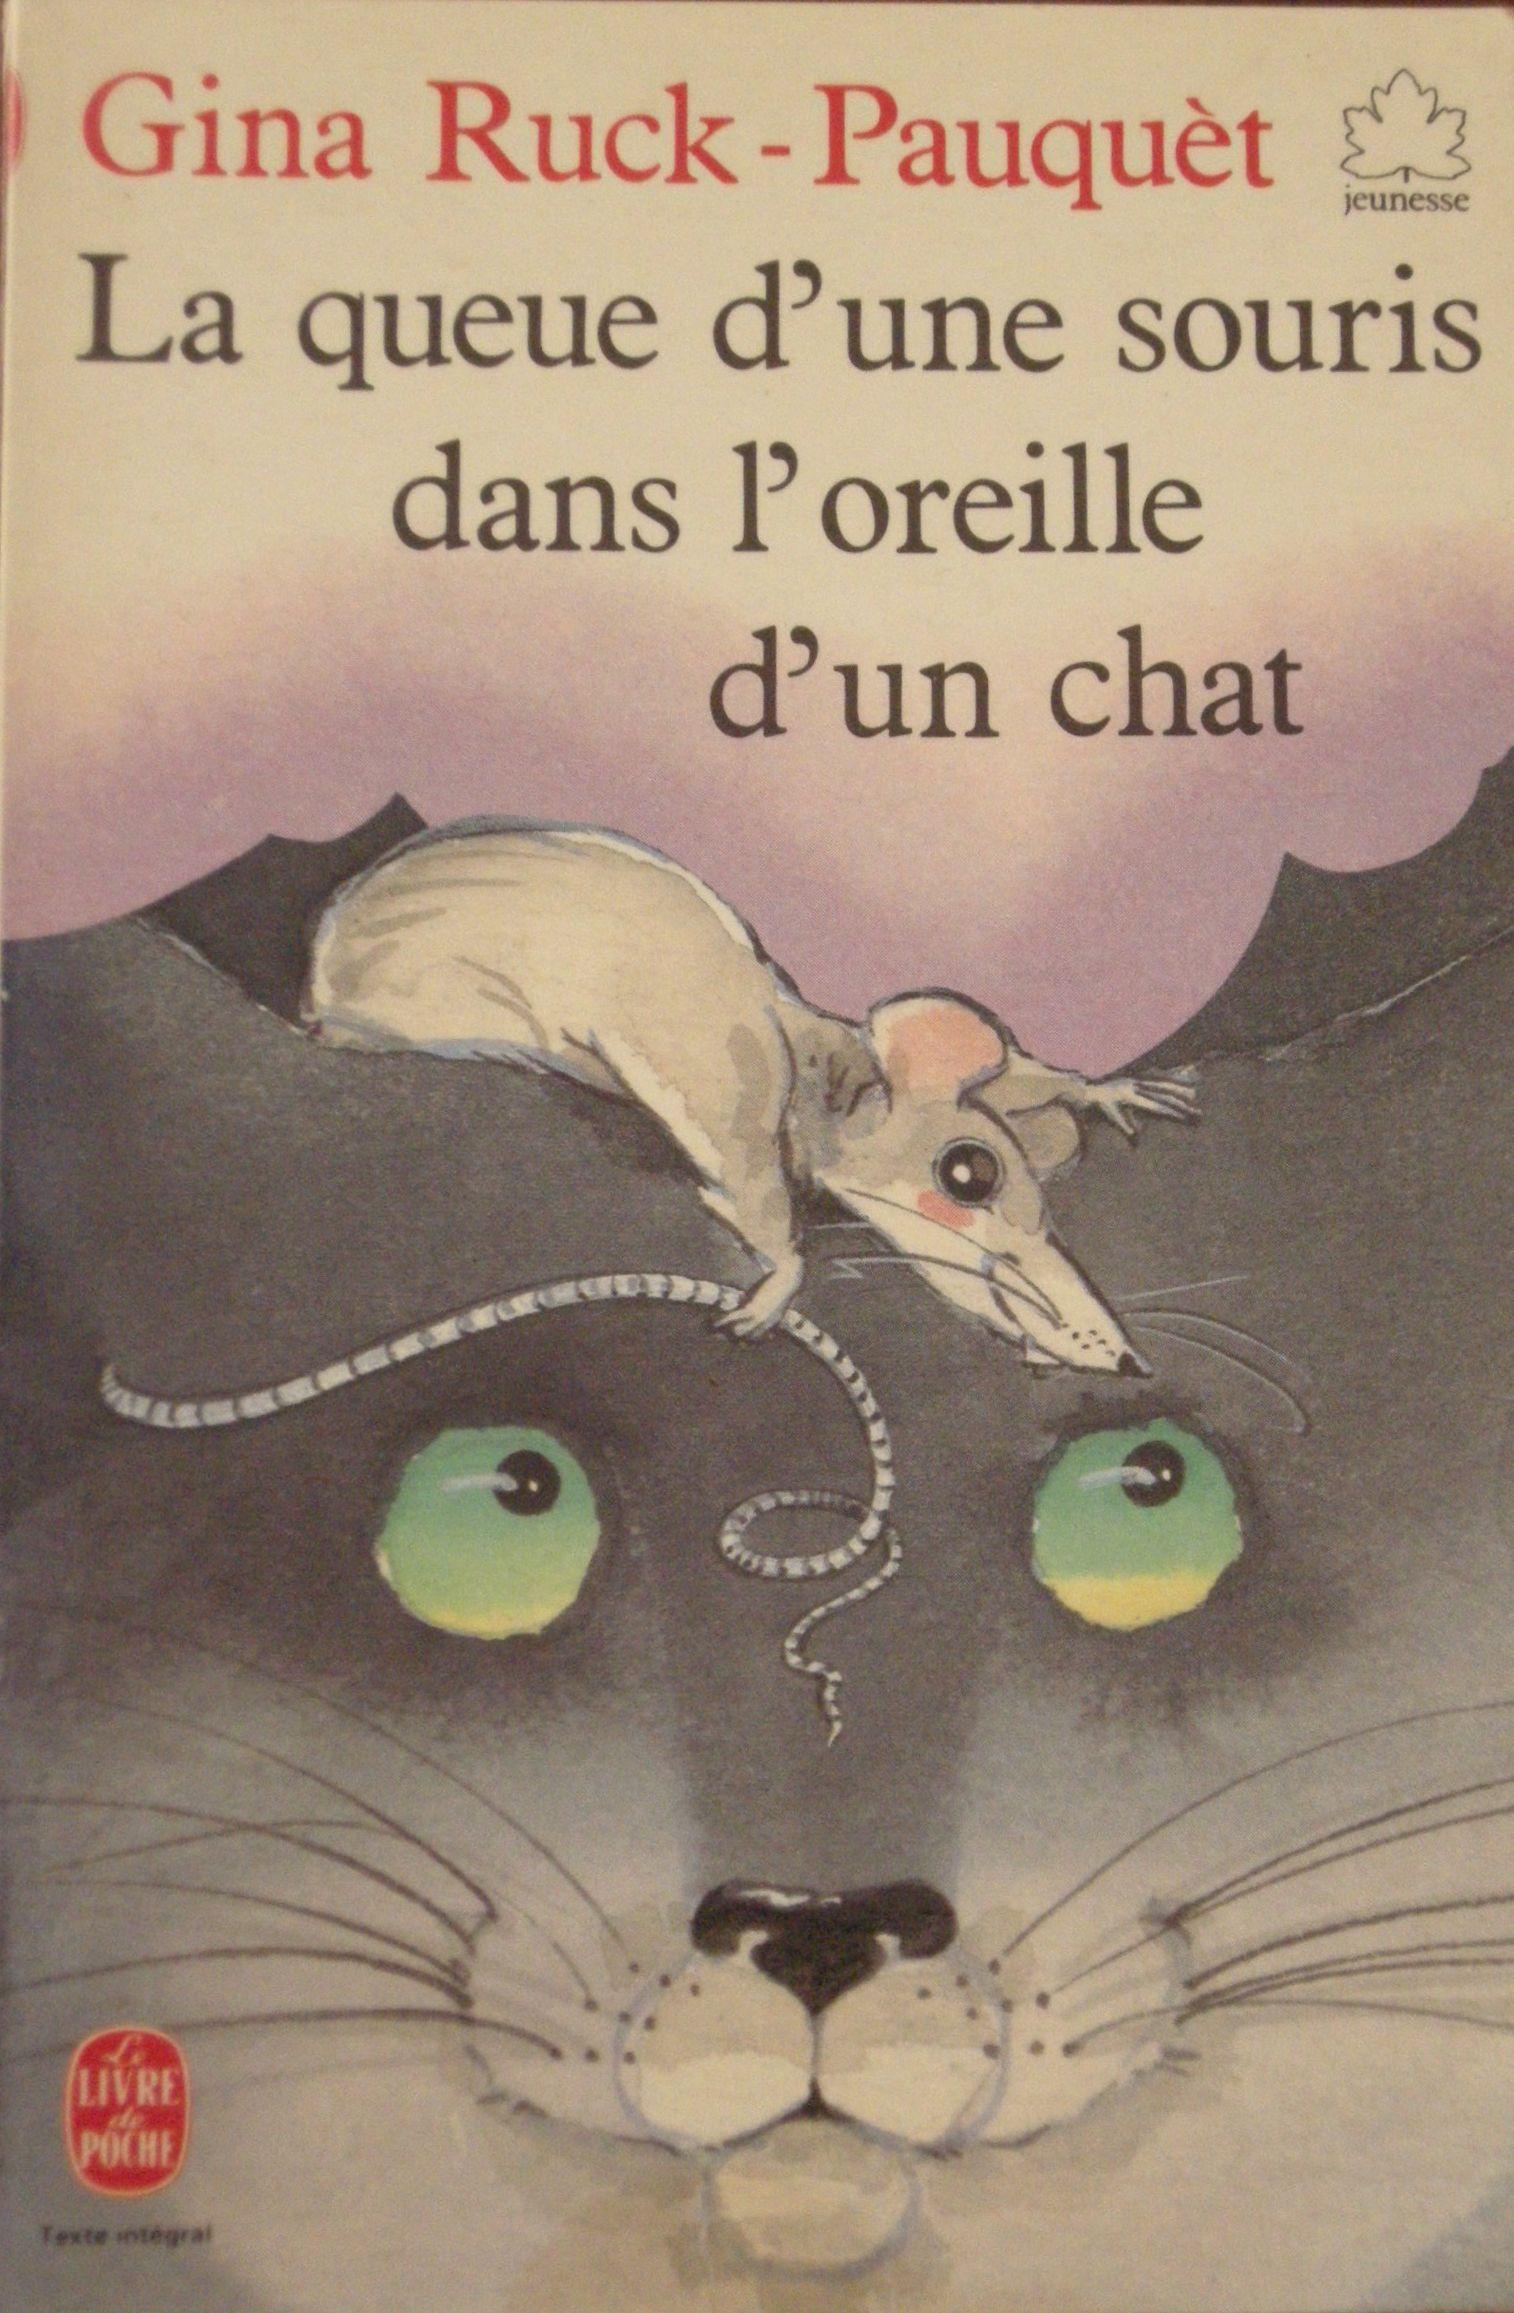 La queue d'une souris dans l'oreille d'un chat